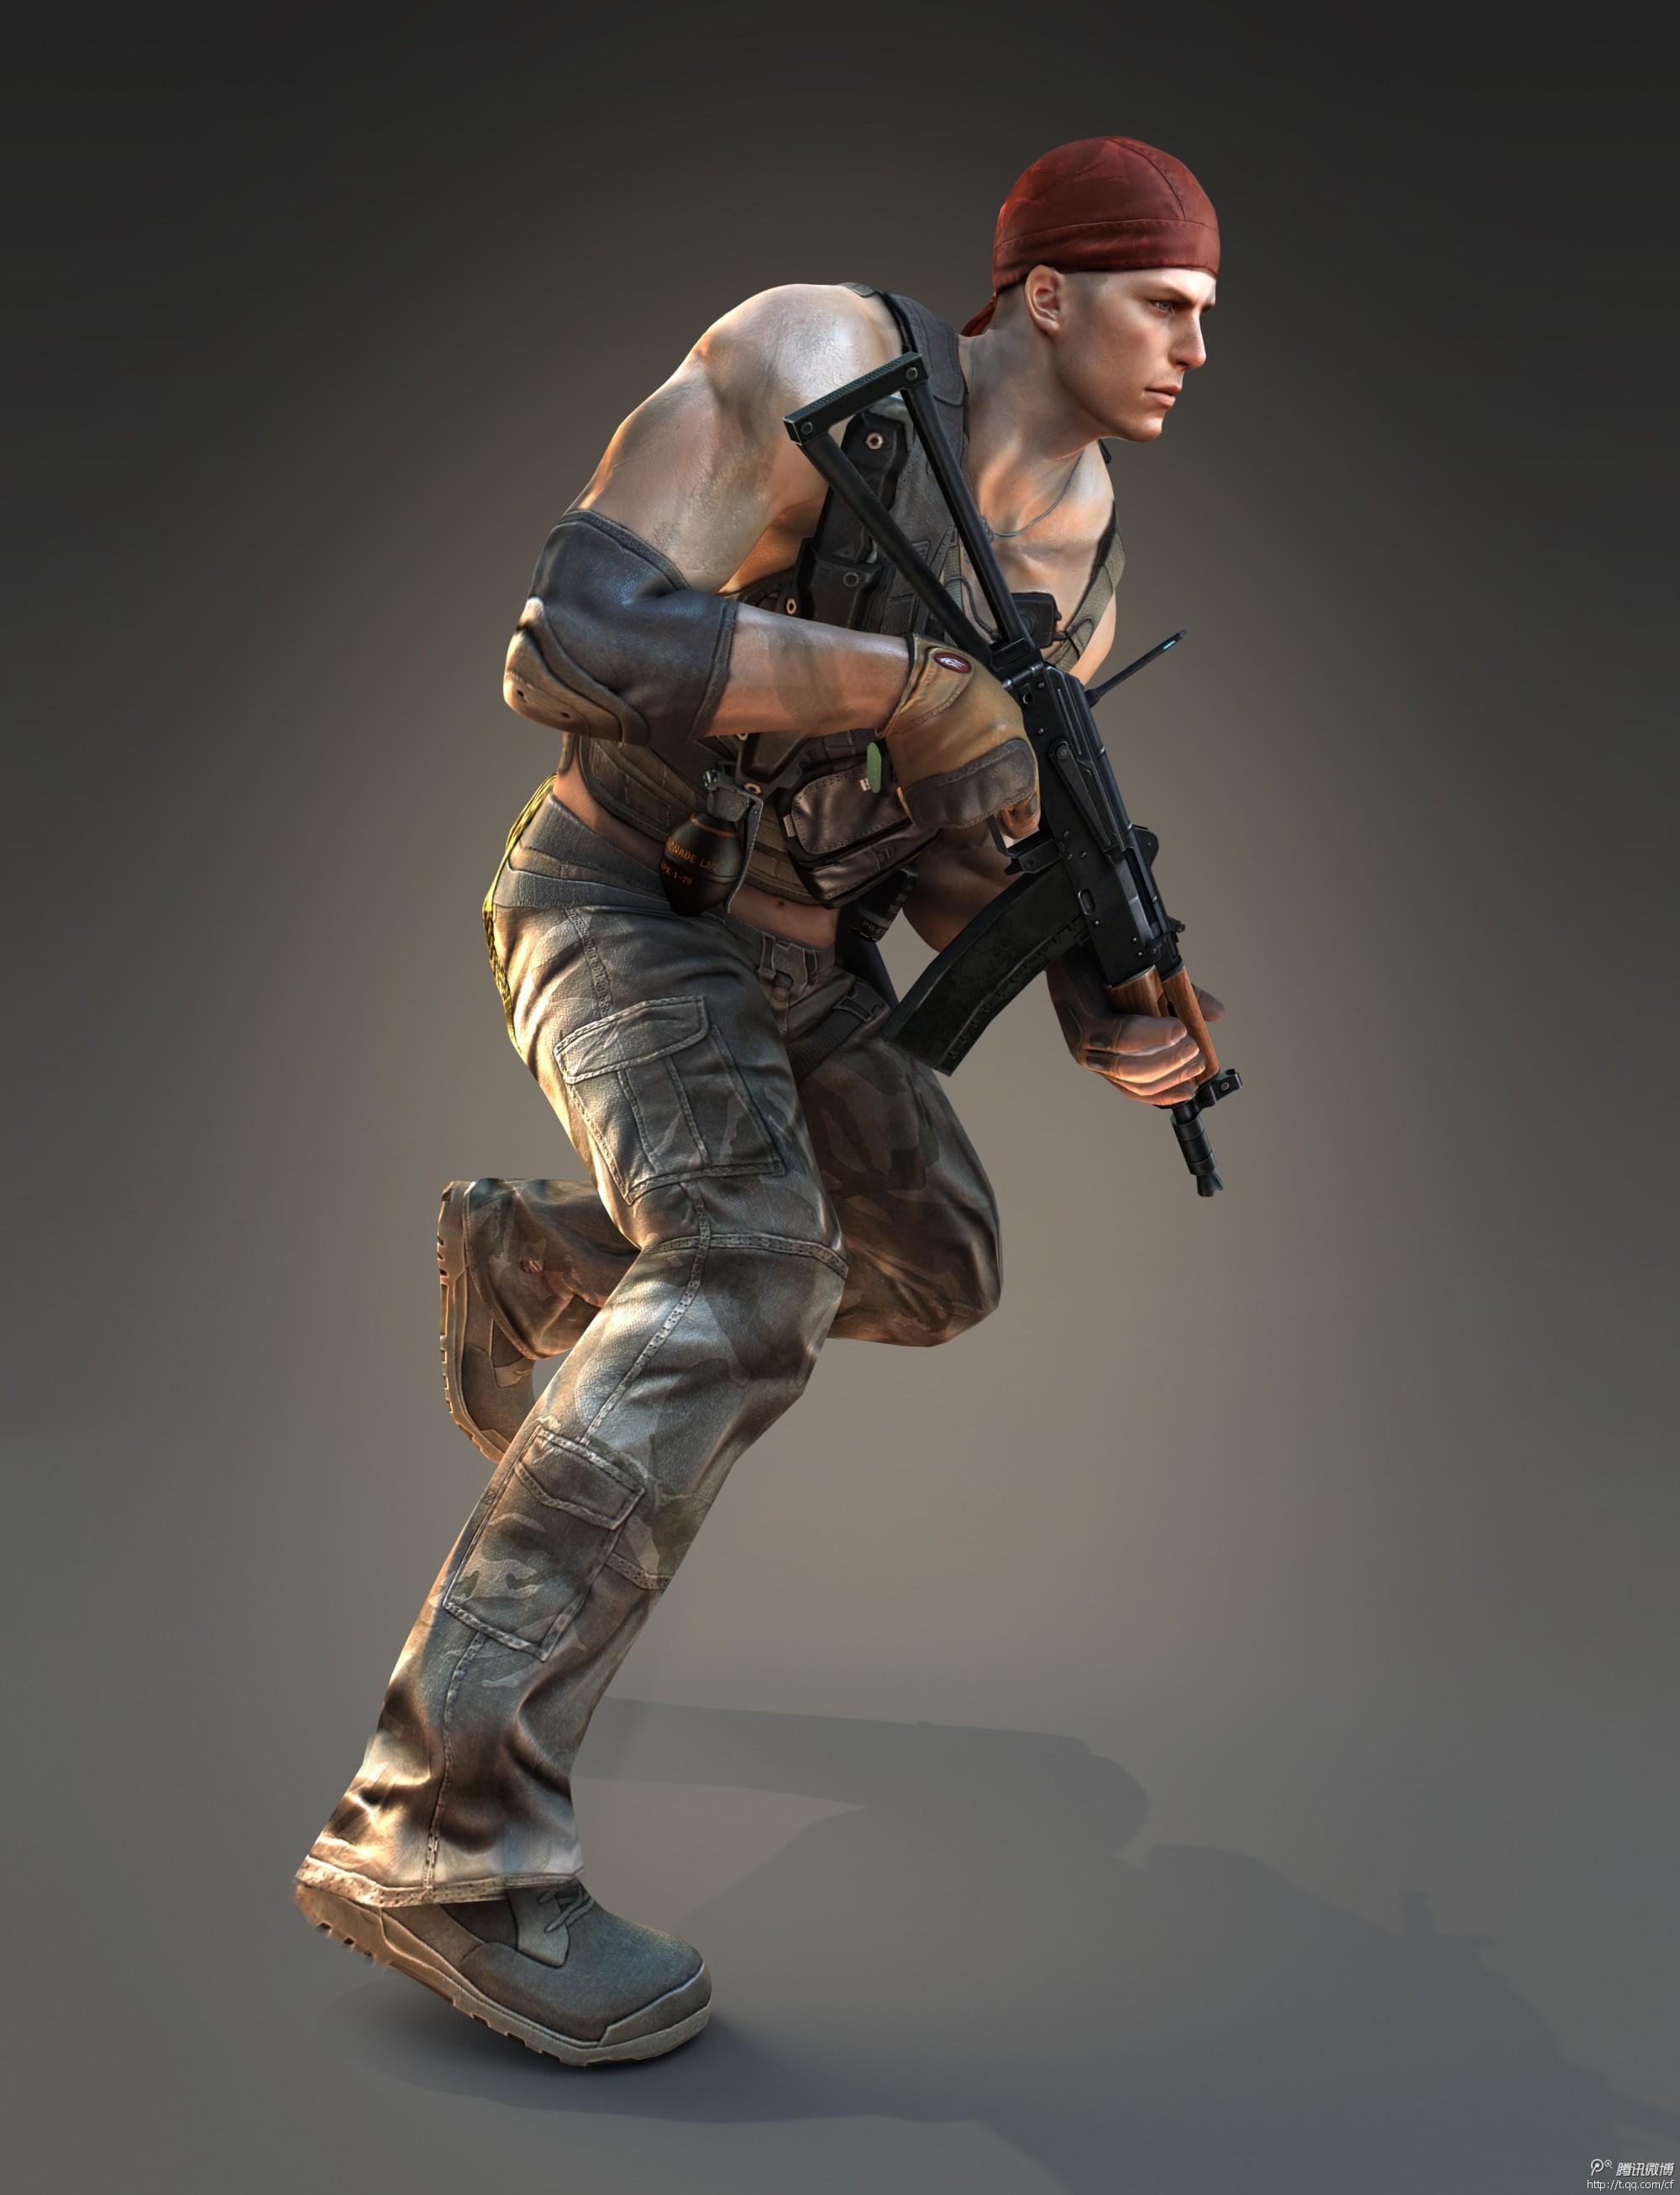 cf人物白狼怎么样_CF 继黑狼之后 近期会出什么新角色 叫什么?是女兵吗?_百度知道